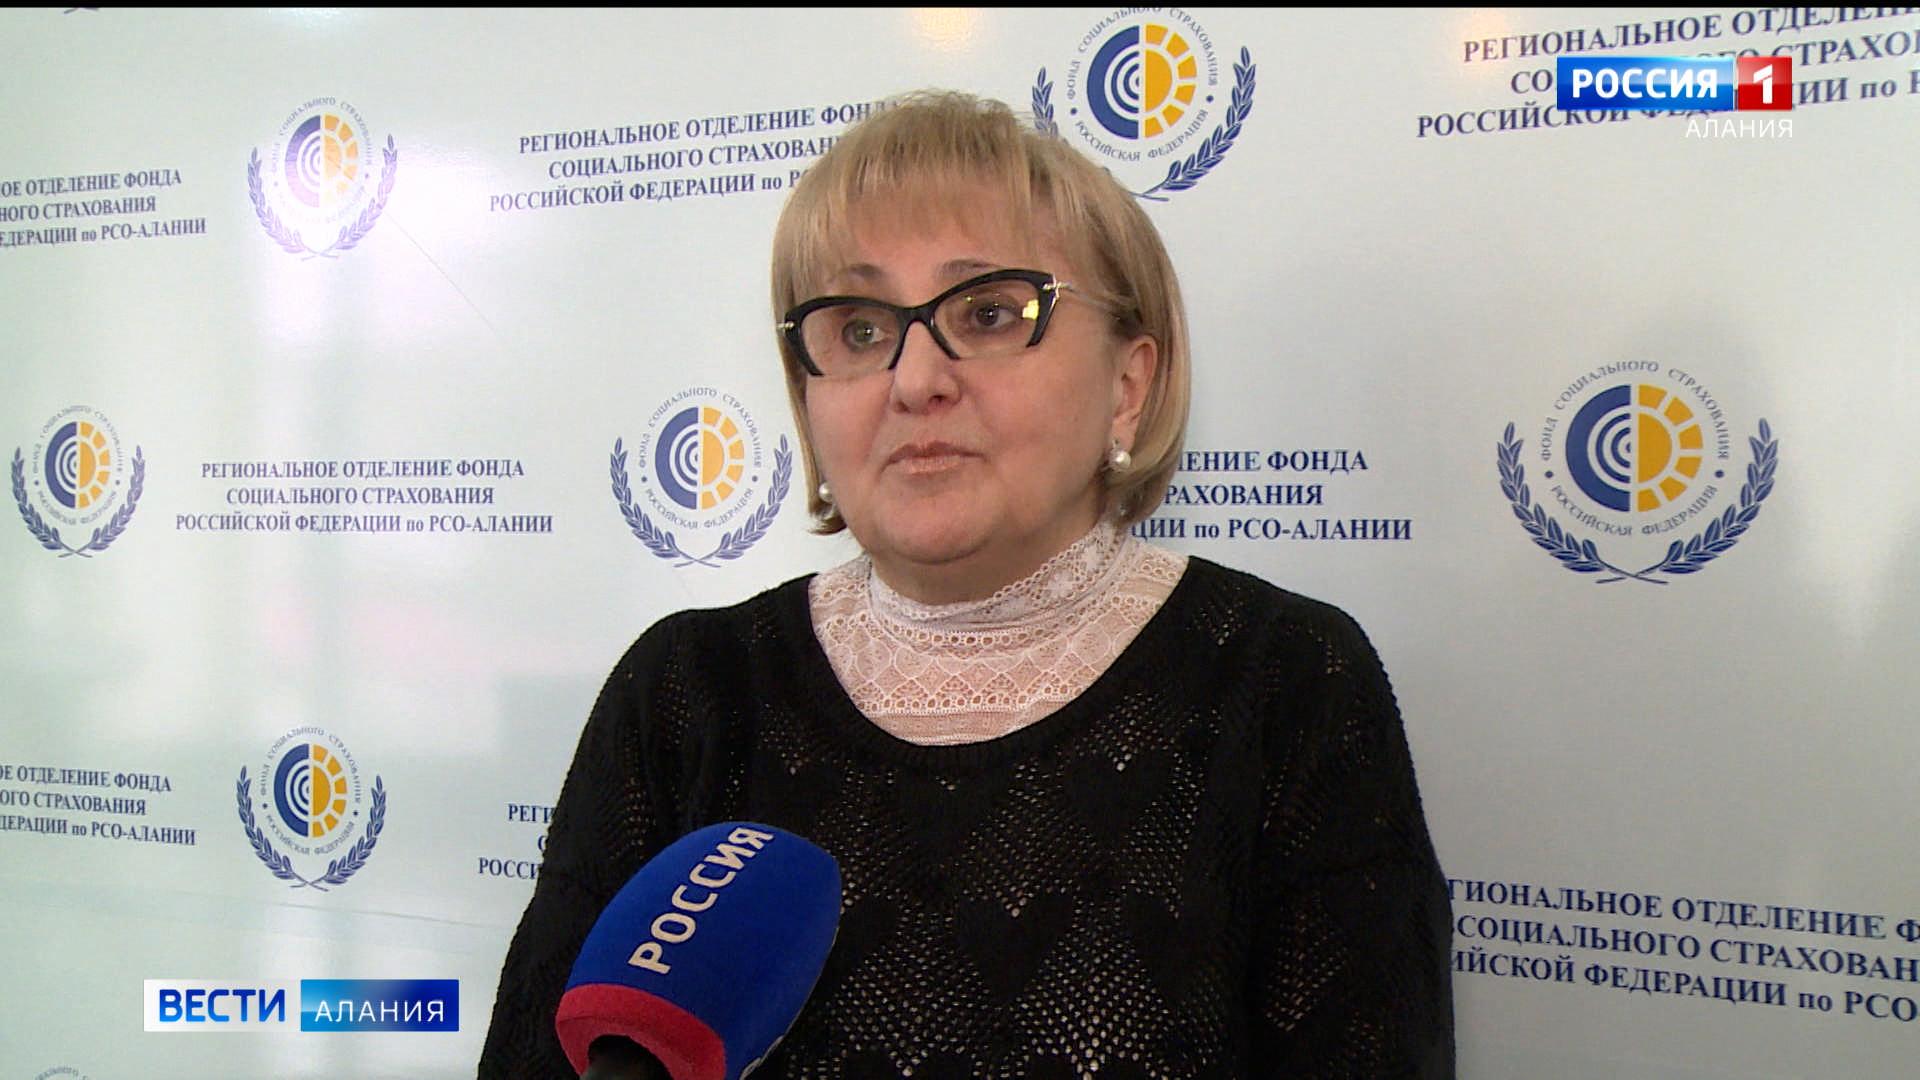 Руководитель регионального отделения ФСС Залина Айларова разъяснила новые правила оформления больничных